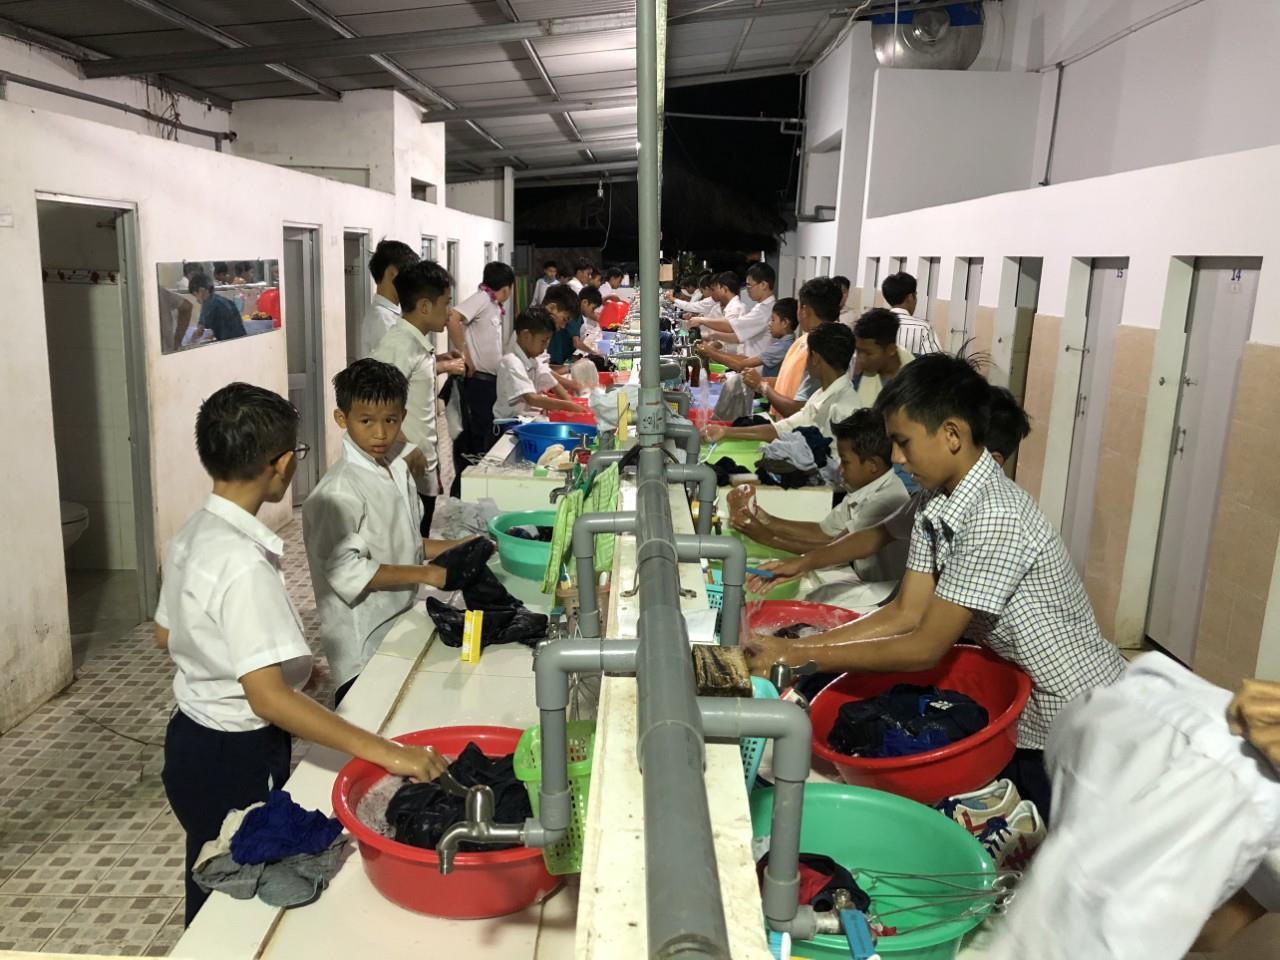 Wenn die Morgenhygiene zum Stresstest wird – Ausbau der Sanitäranlagen in einem Kinderheim